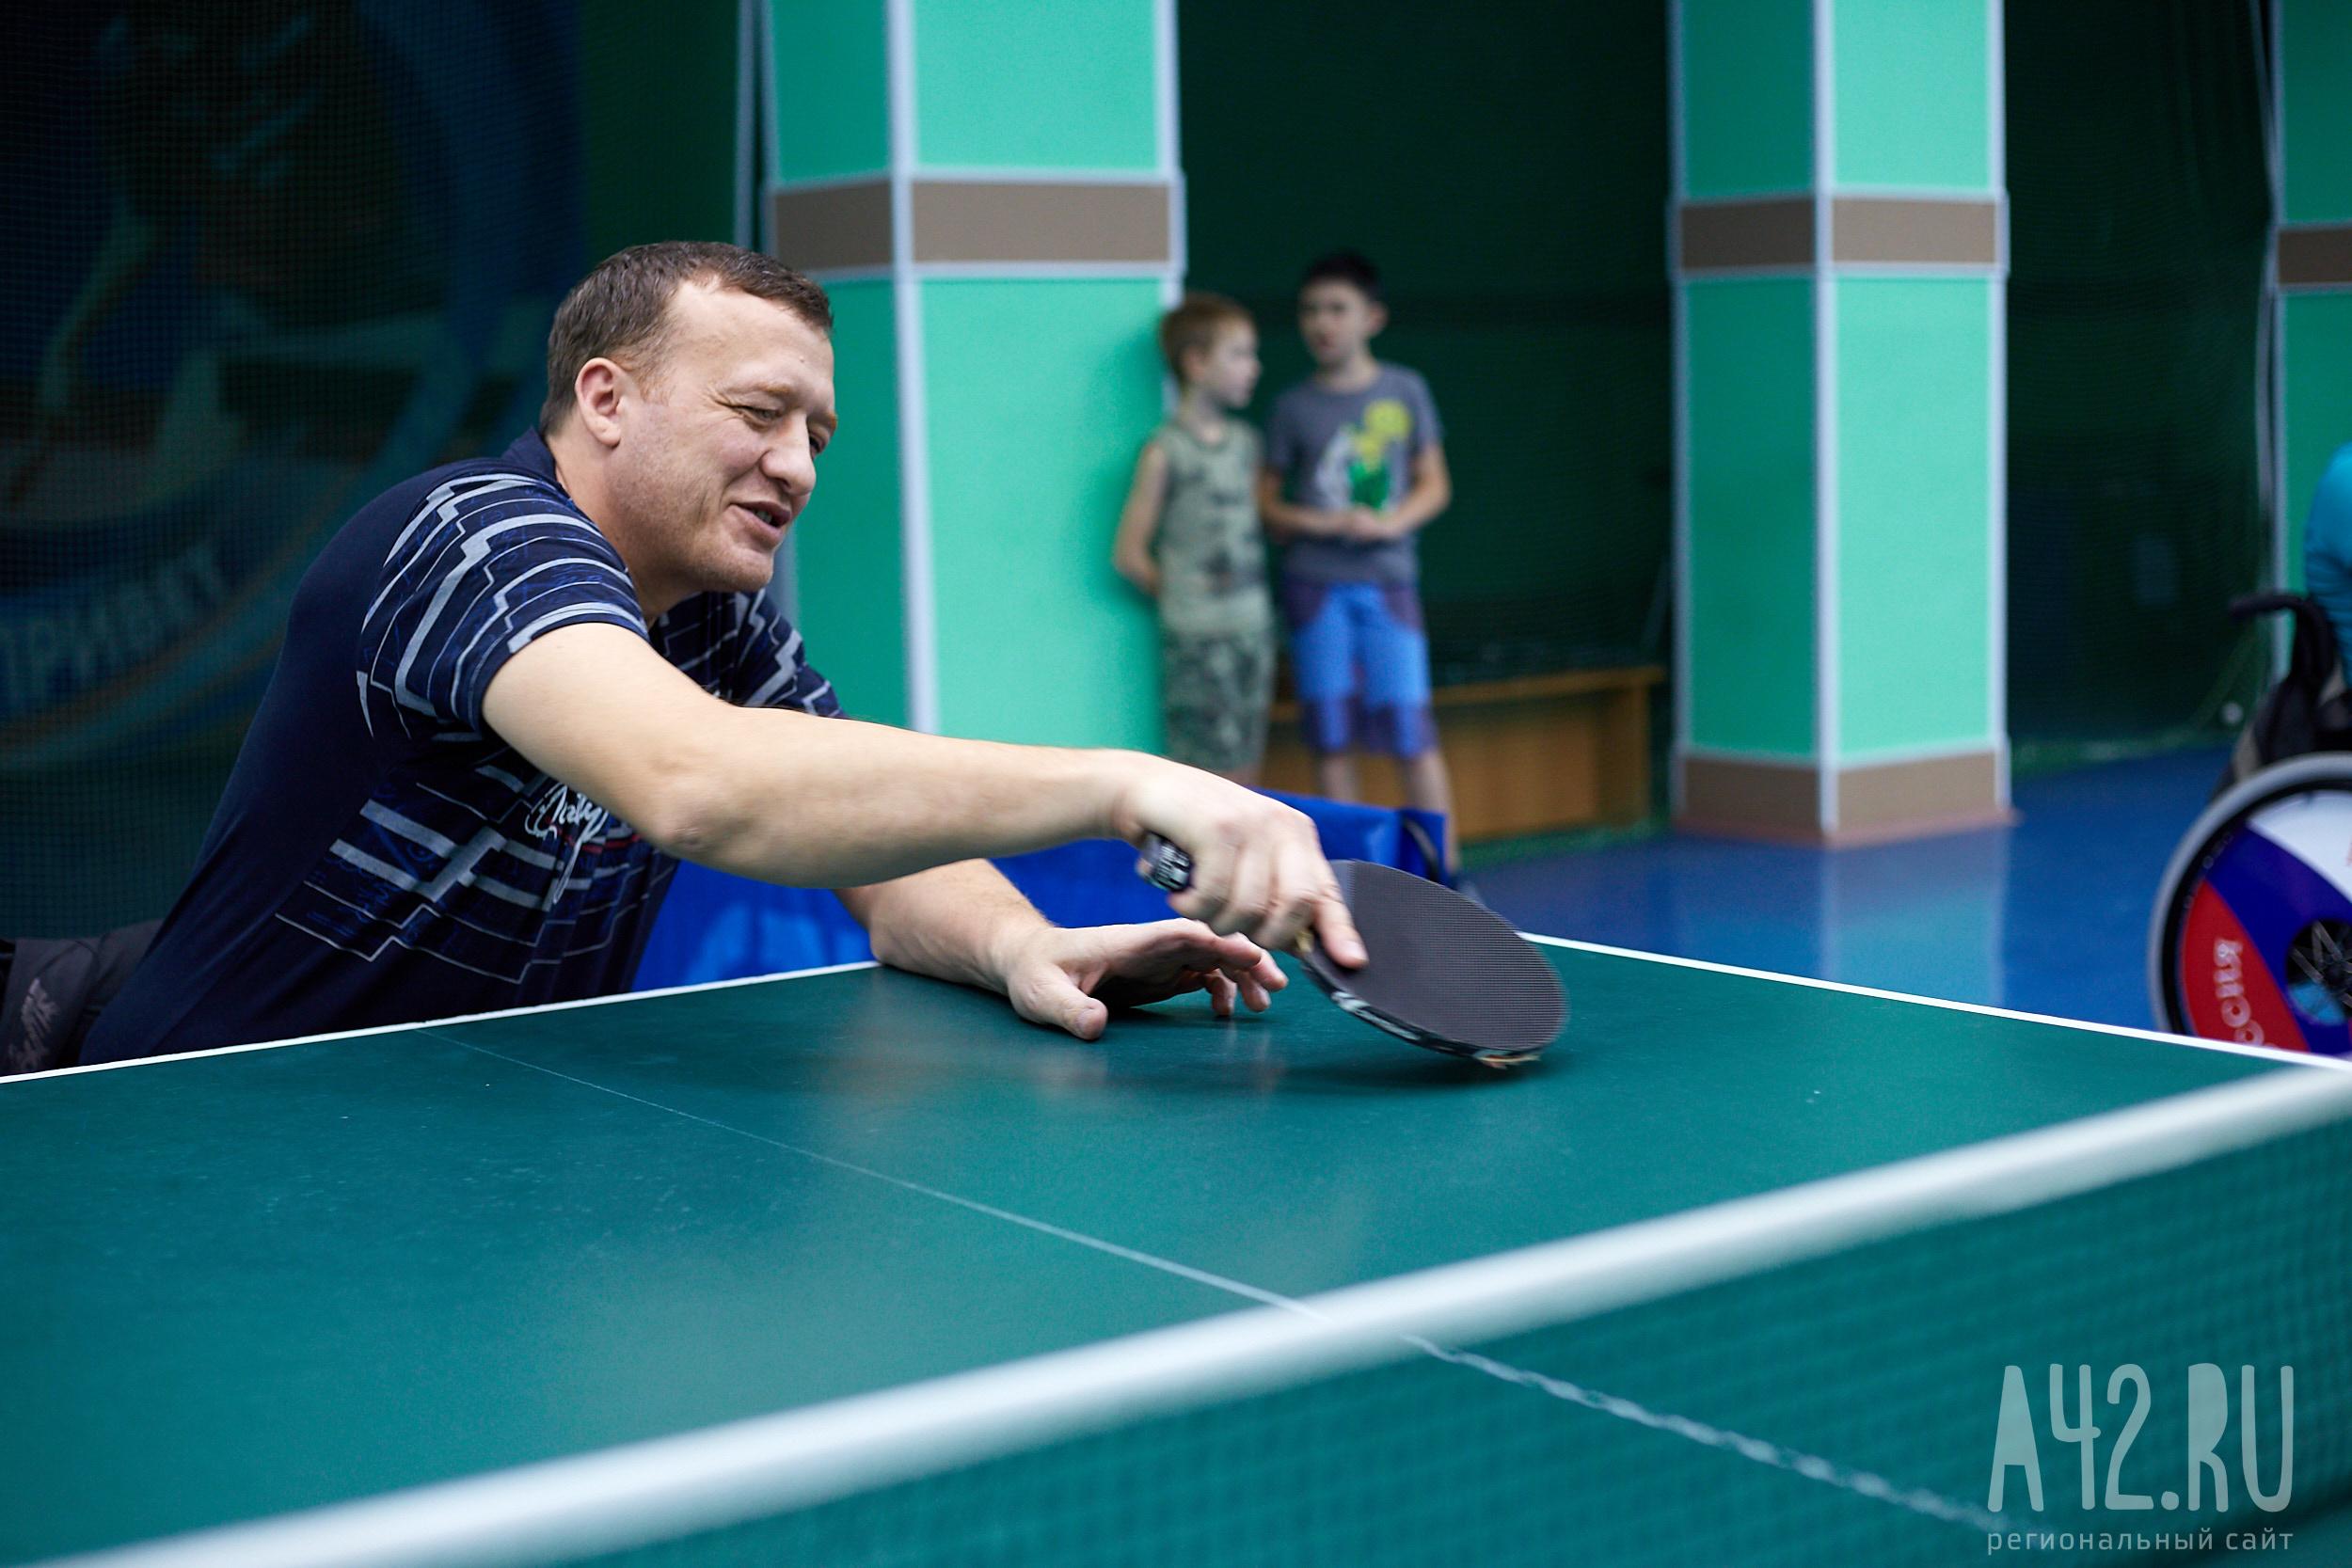 открытый чемпионат чехии по настольному теннису 2016 выборе термобелья